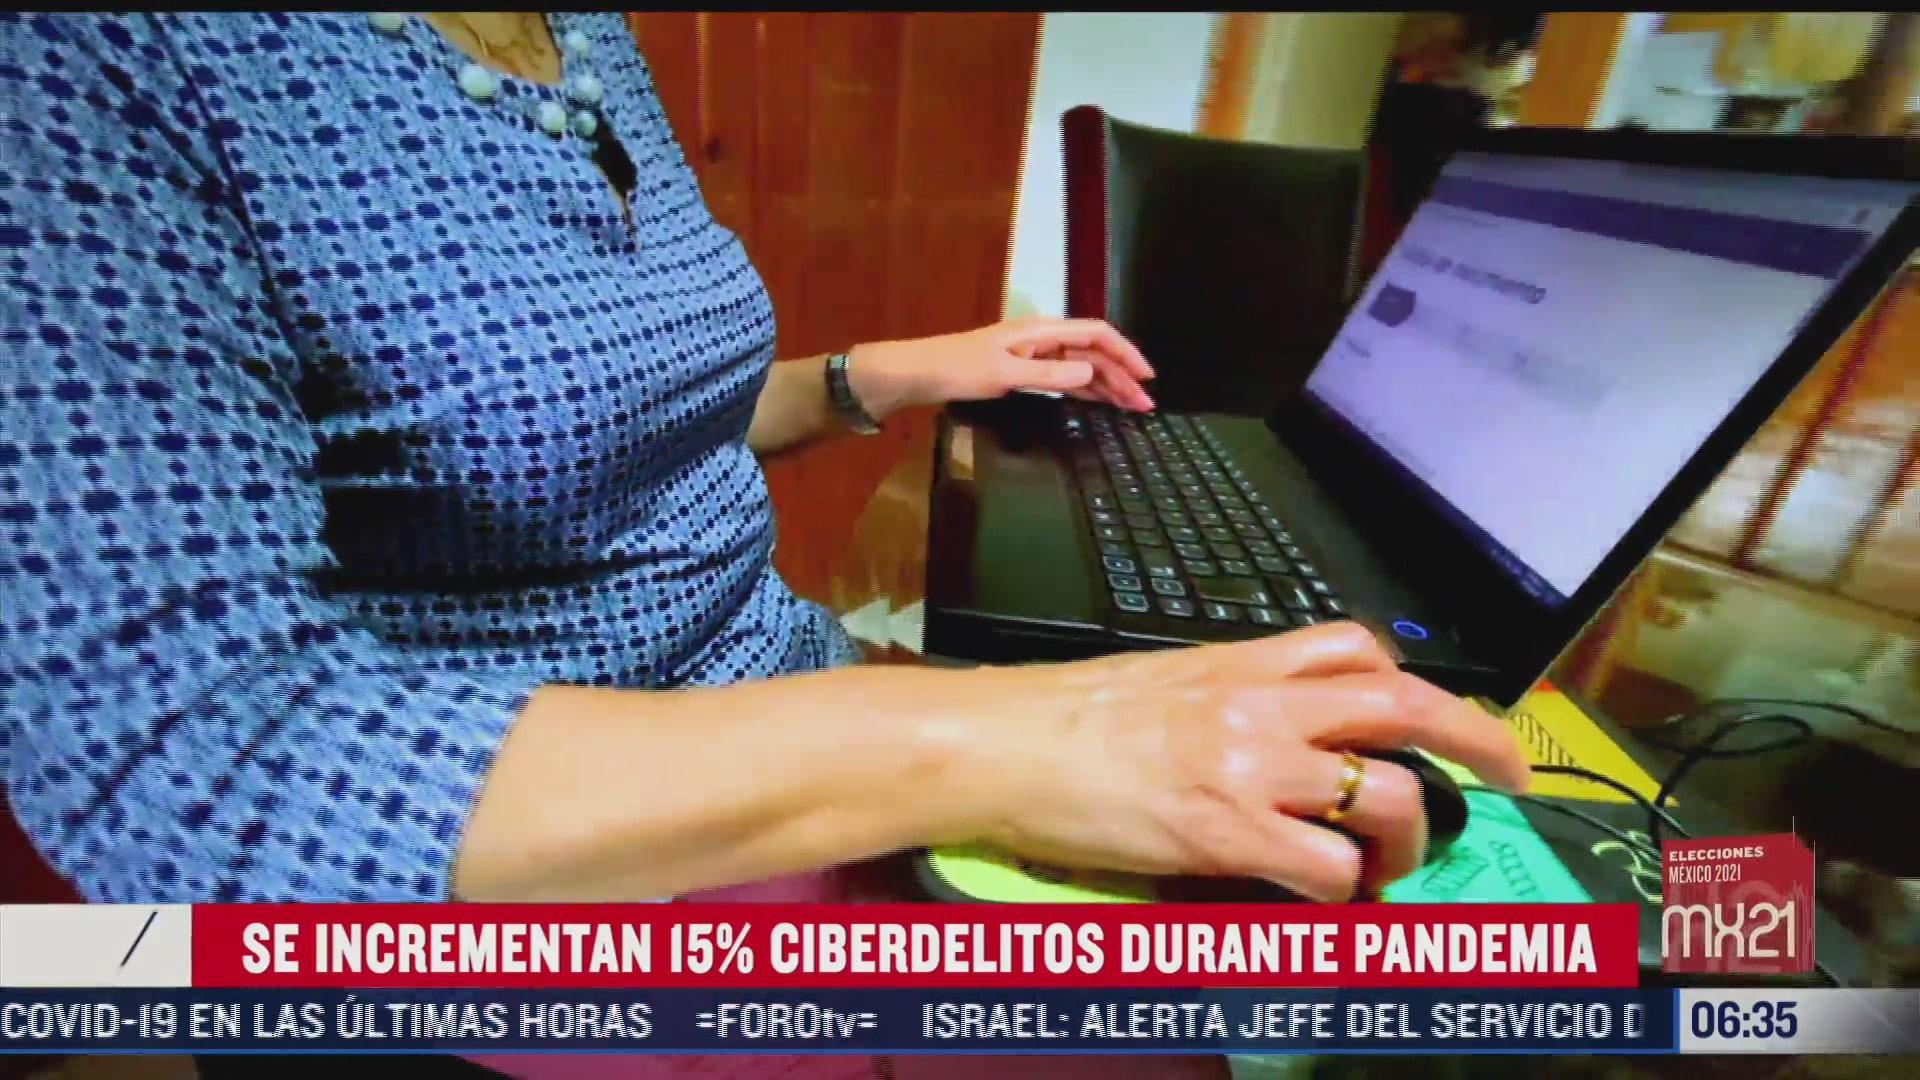 aumentaron los ciberdelitos en los ultimos 6 meses durante pandemia covid